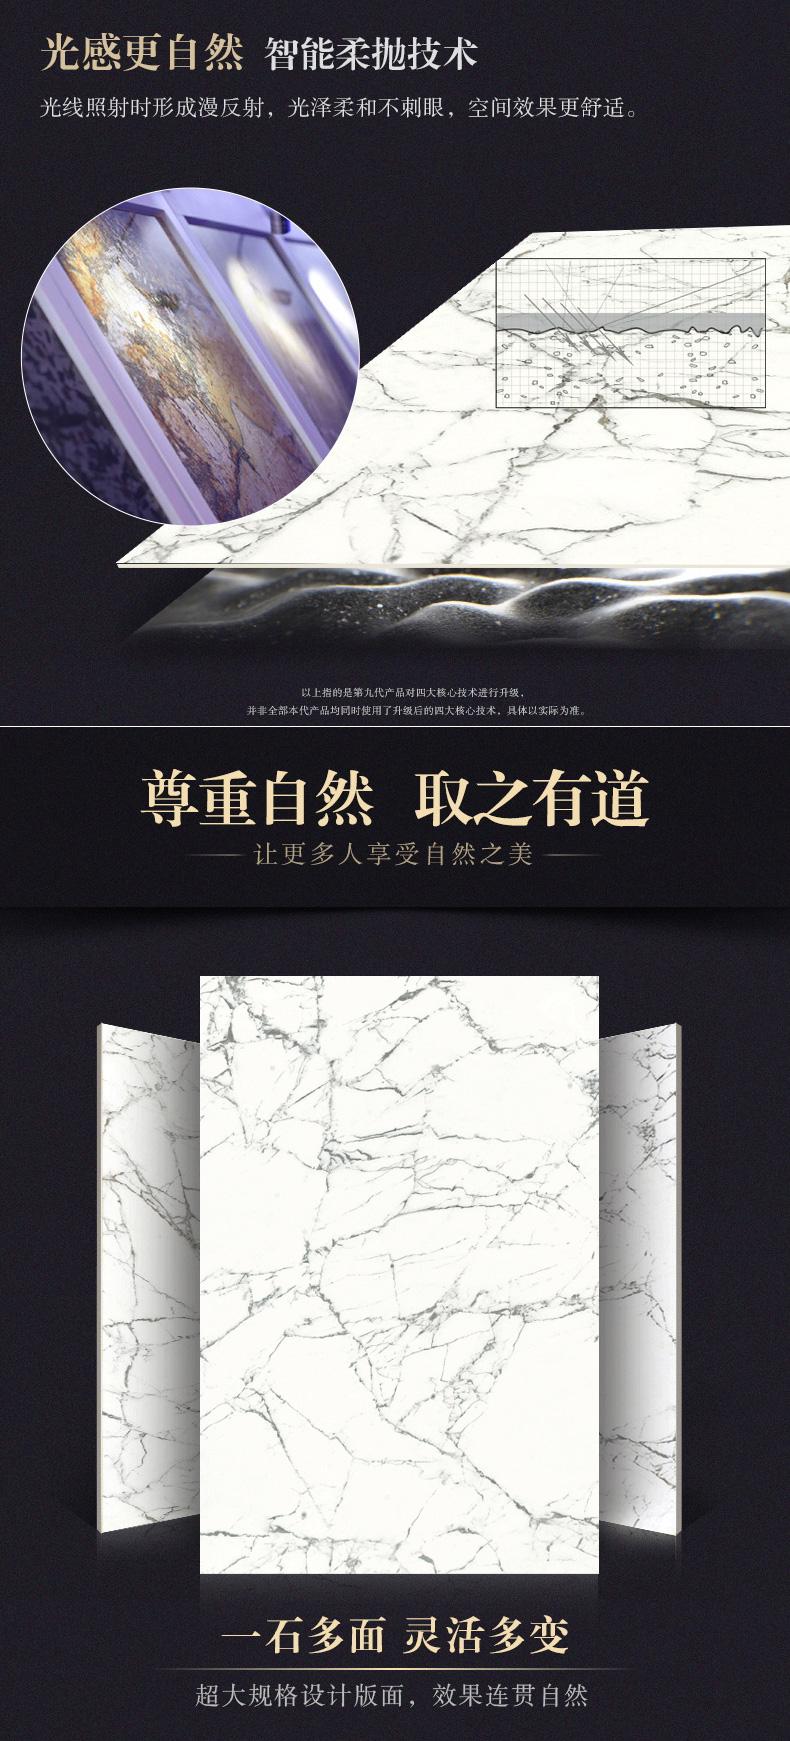 简一大理石瓷砖-细纹雪花白_09.jpg